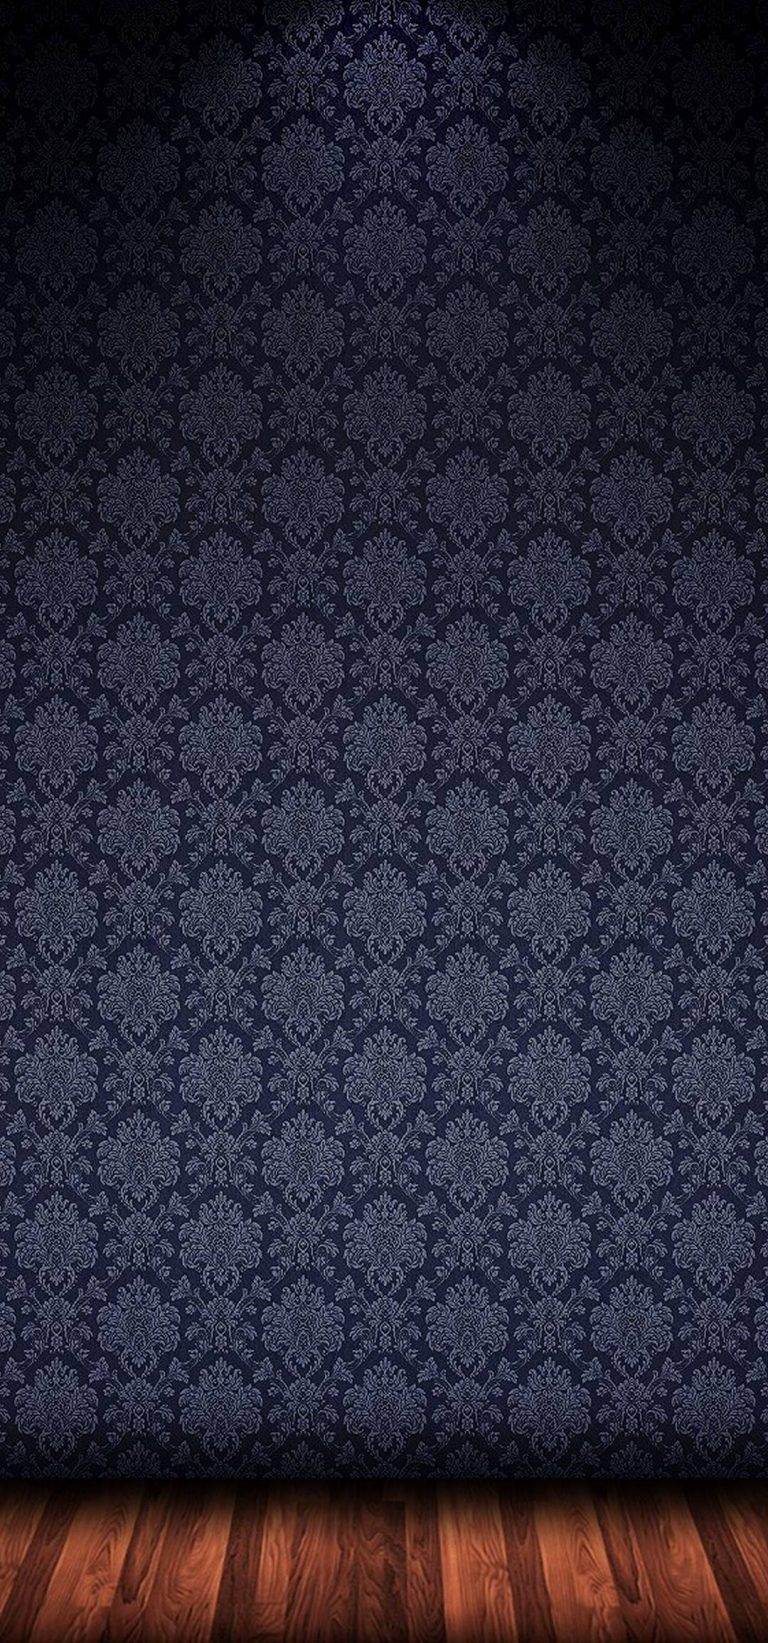 1080x2310 Wallpaper 105 768x1643